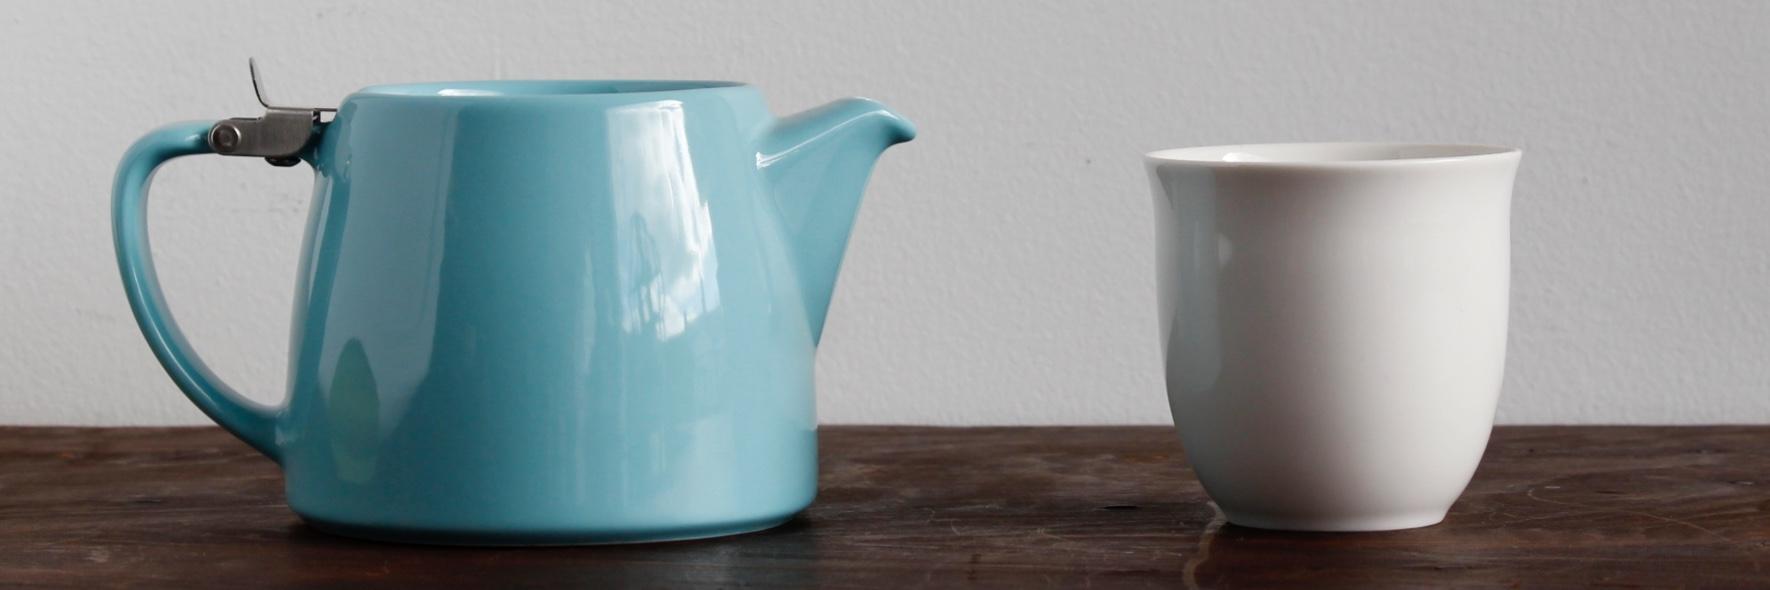 Teaware 7: Porcelain & Ceramic Teapots